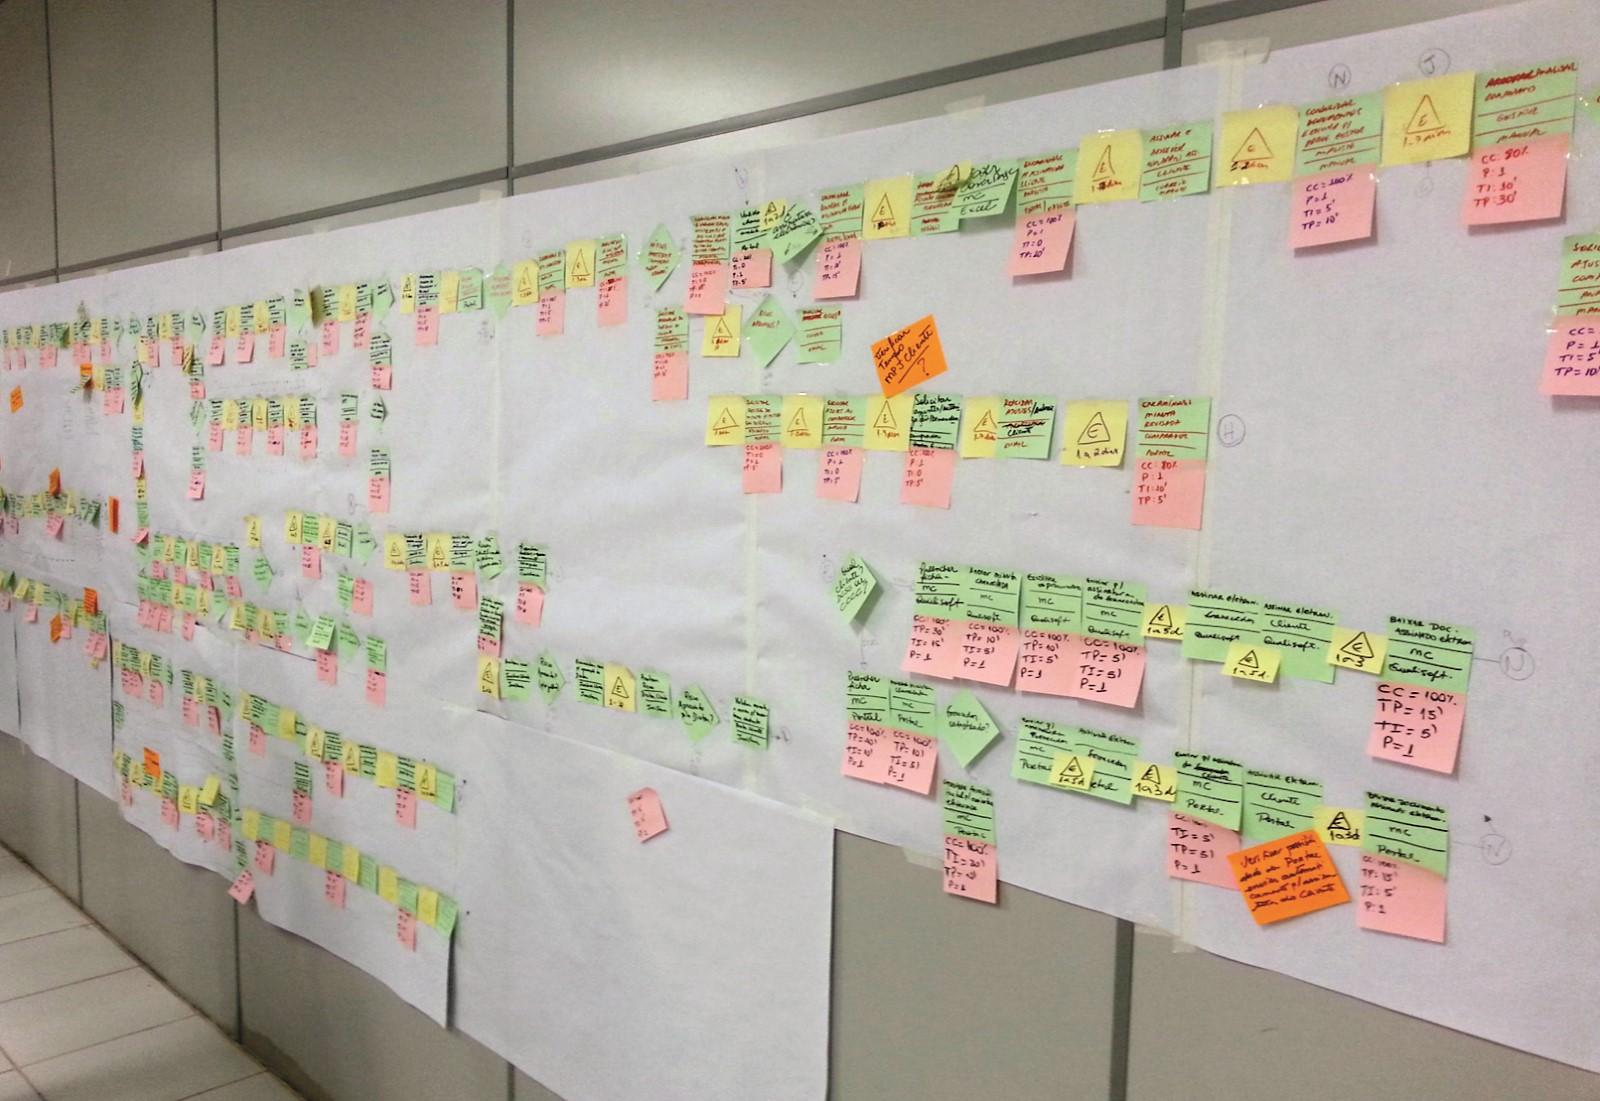 Figura 1A – Mapeamento do Fluxo de Valor em execução      Fonte: Treinamento sobre Mapeamento do Fluxo de Valor promovido pelo  Lean Institute Brasil